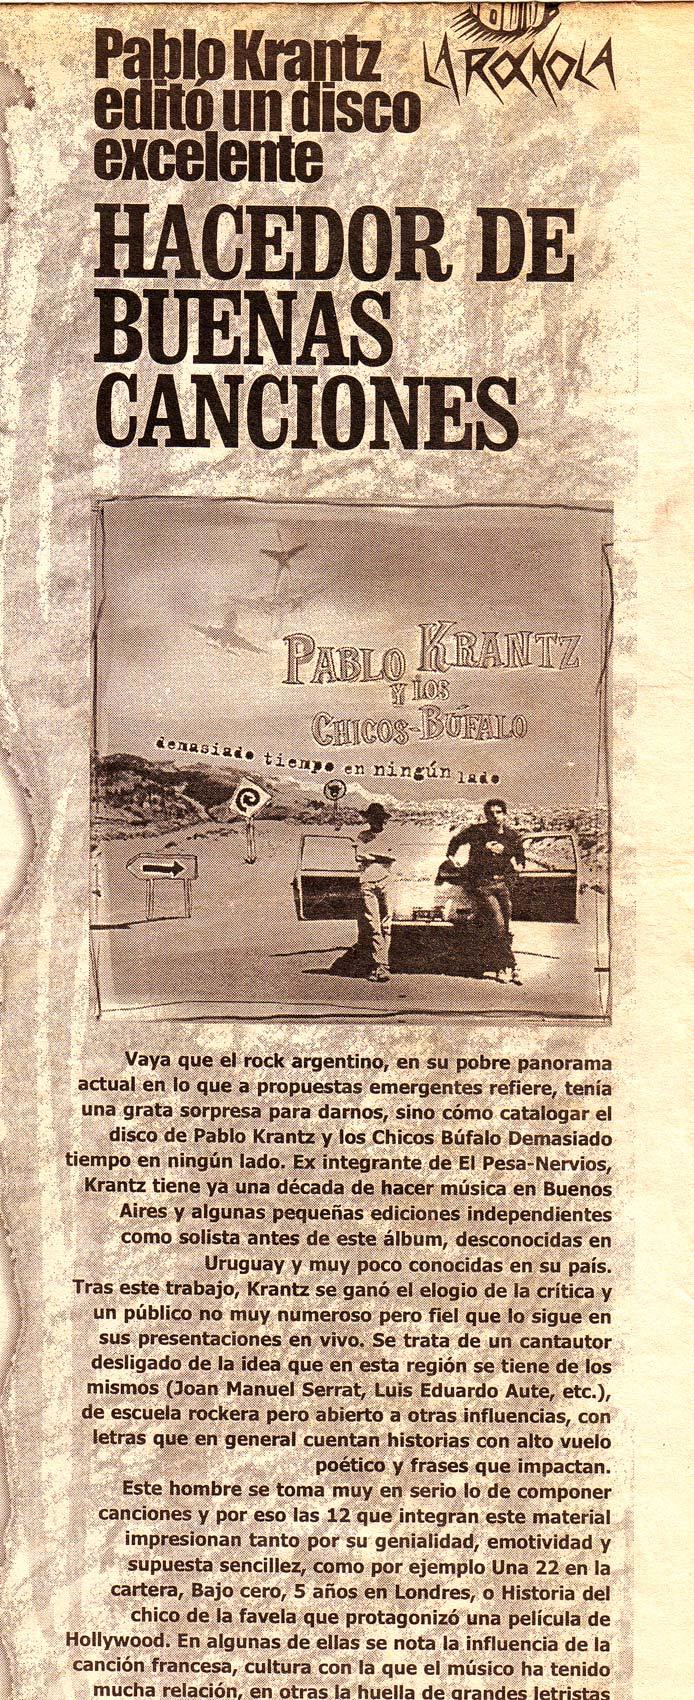 Diario La República, Uruguay, 1999